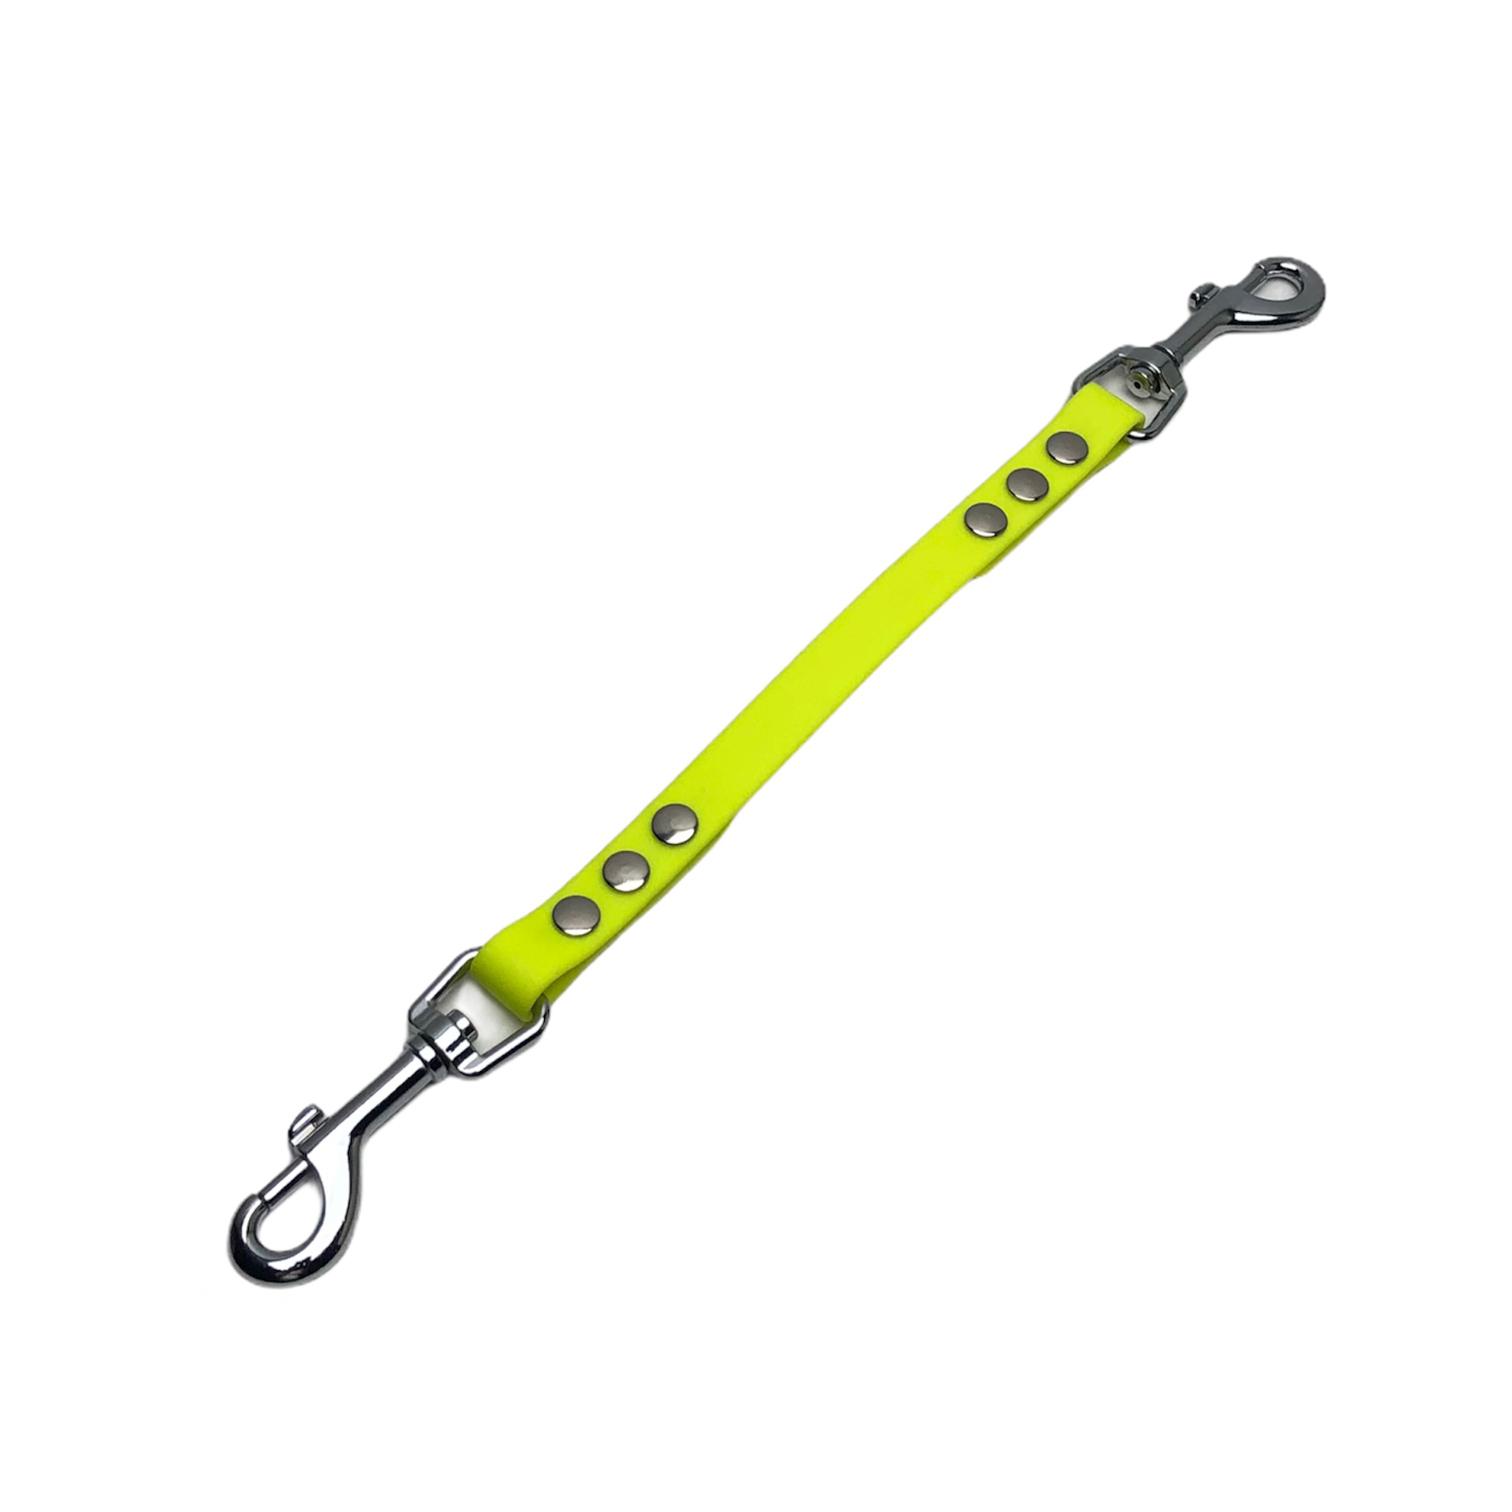 verlengstuk 2 musktons 16 mm neon geel